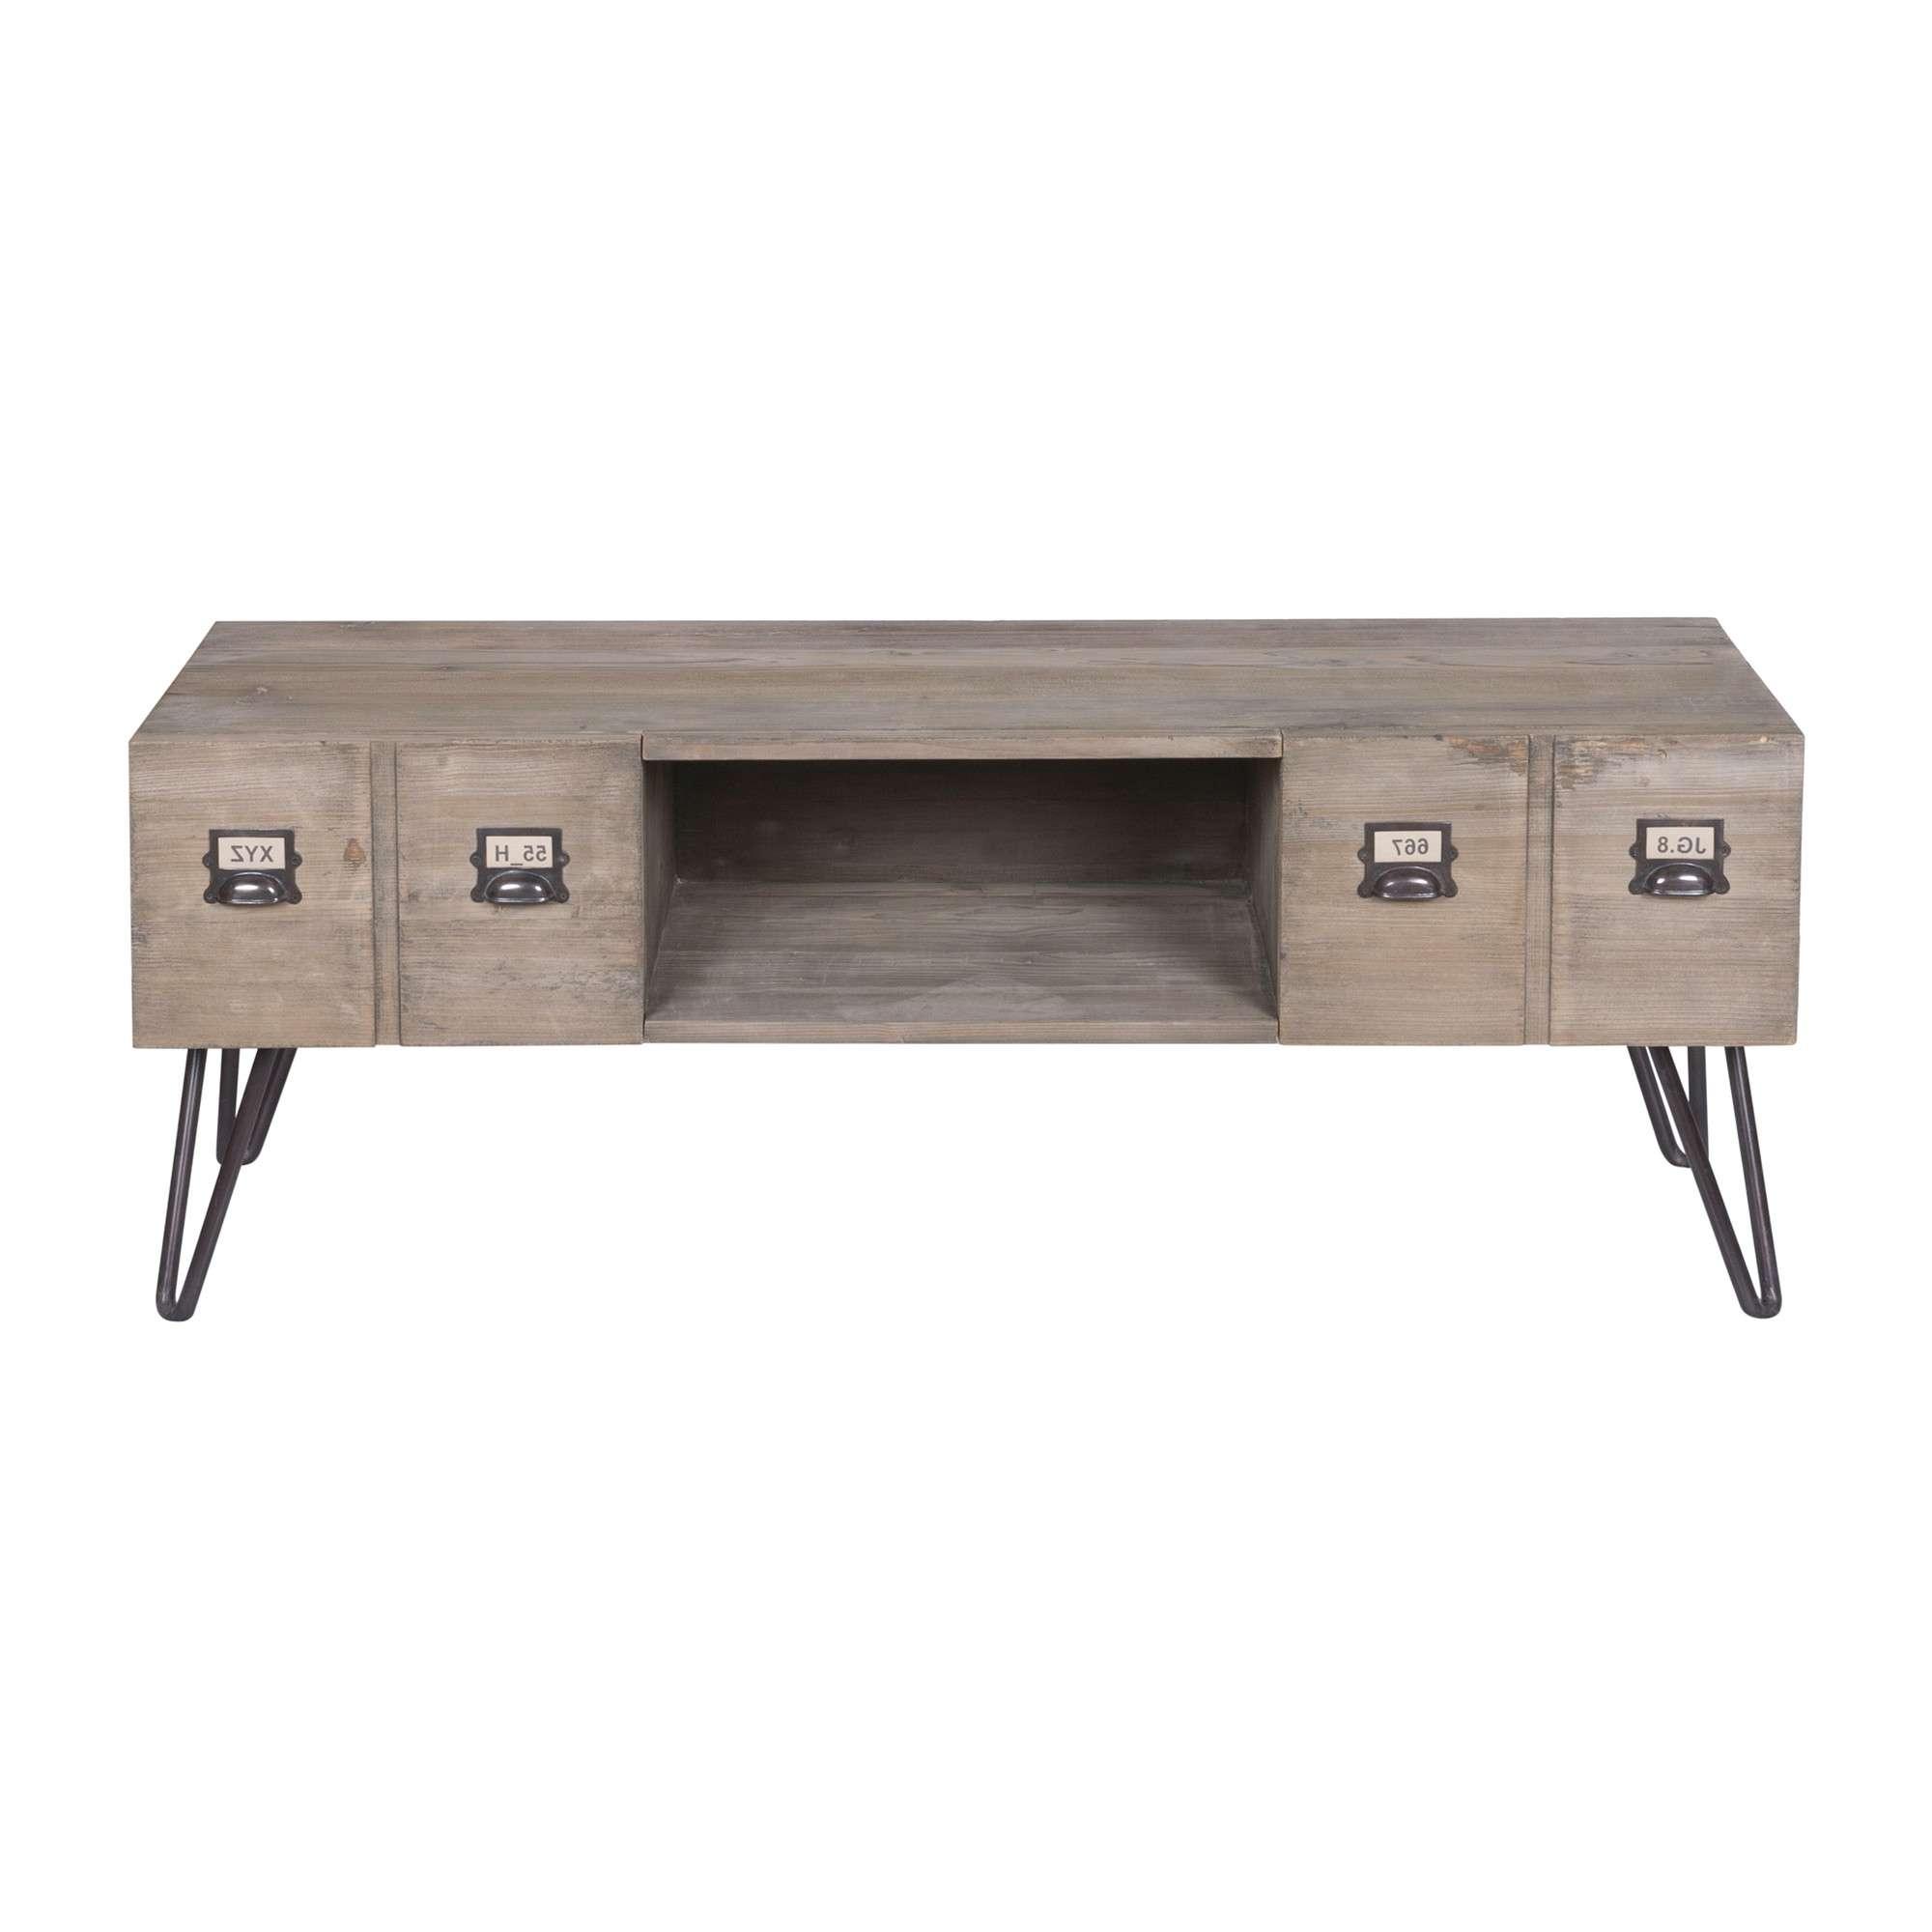 2 Drawer Industrial Tv Cabinet | Temple & Webster With Industrial Tv Cabinets (View 1 of 20)